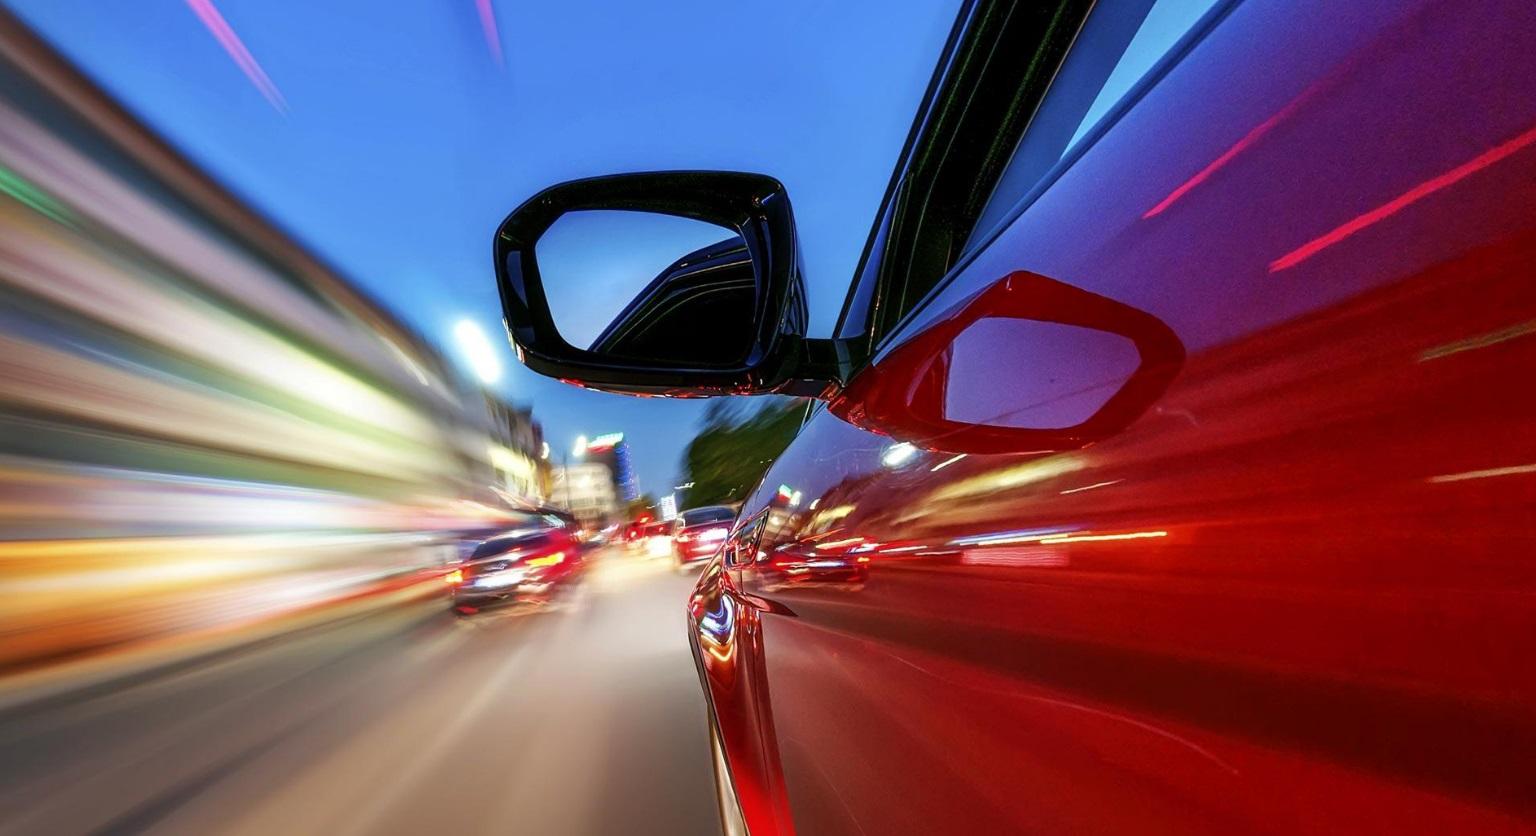 Velocidad media: ¿qué es y cómo se calcula?